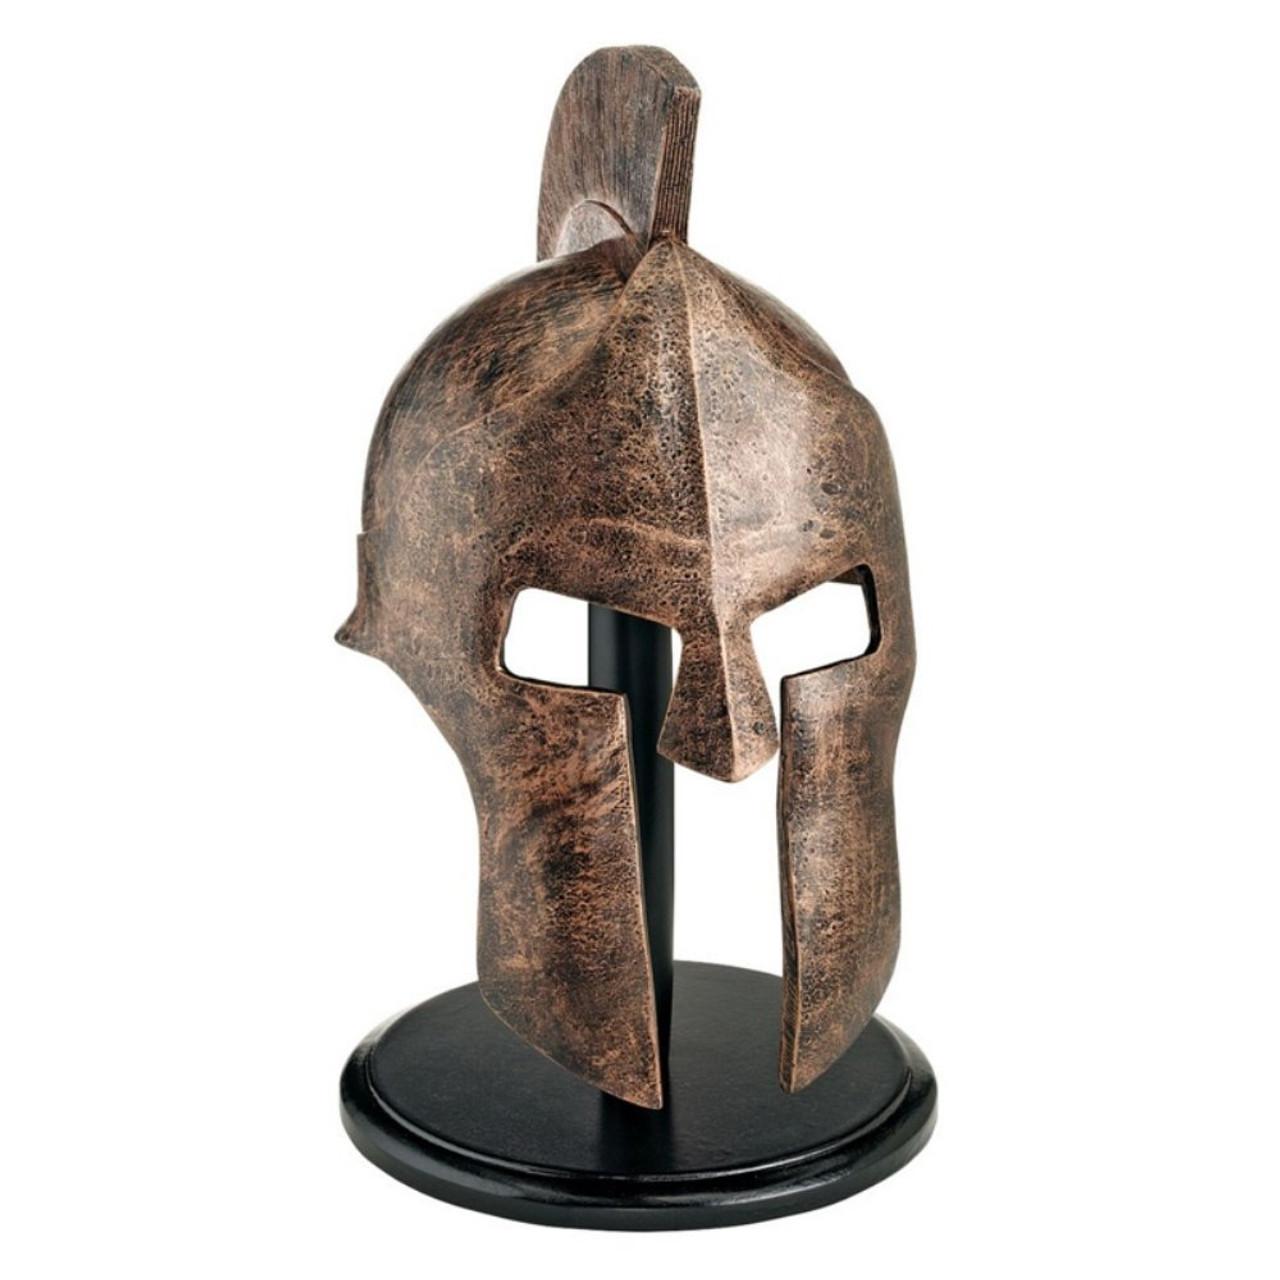 Spartan Warrior Helmet With Stand